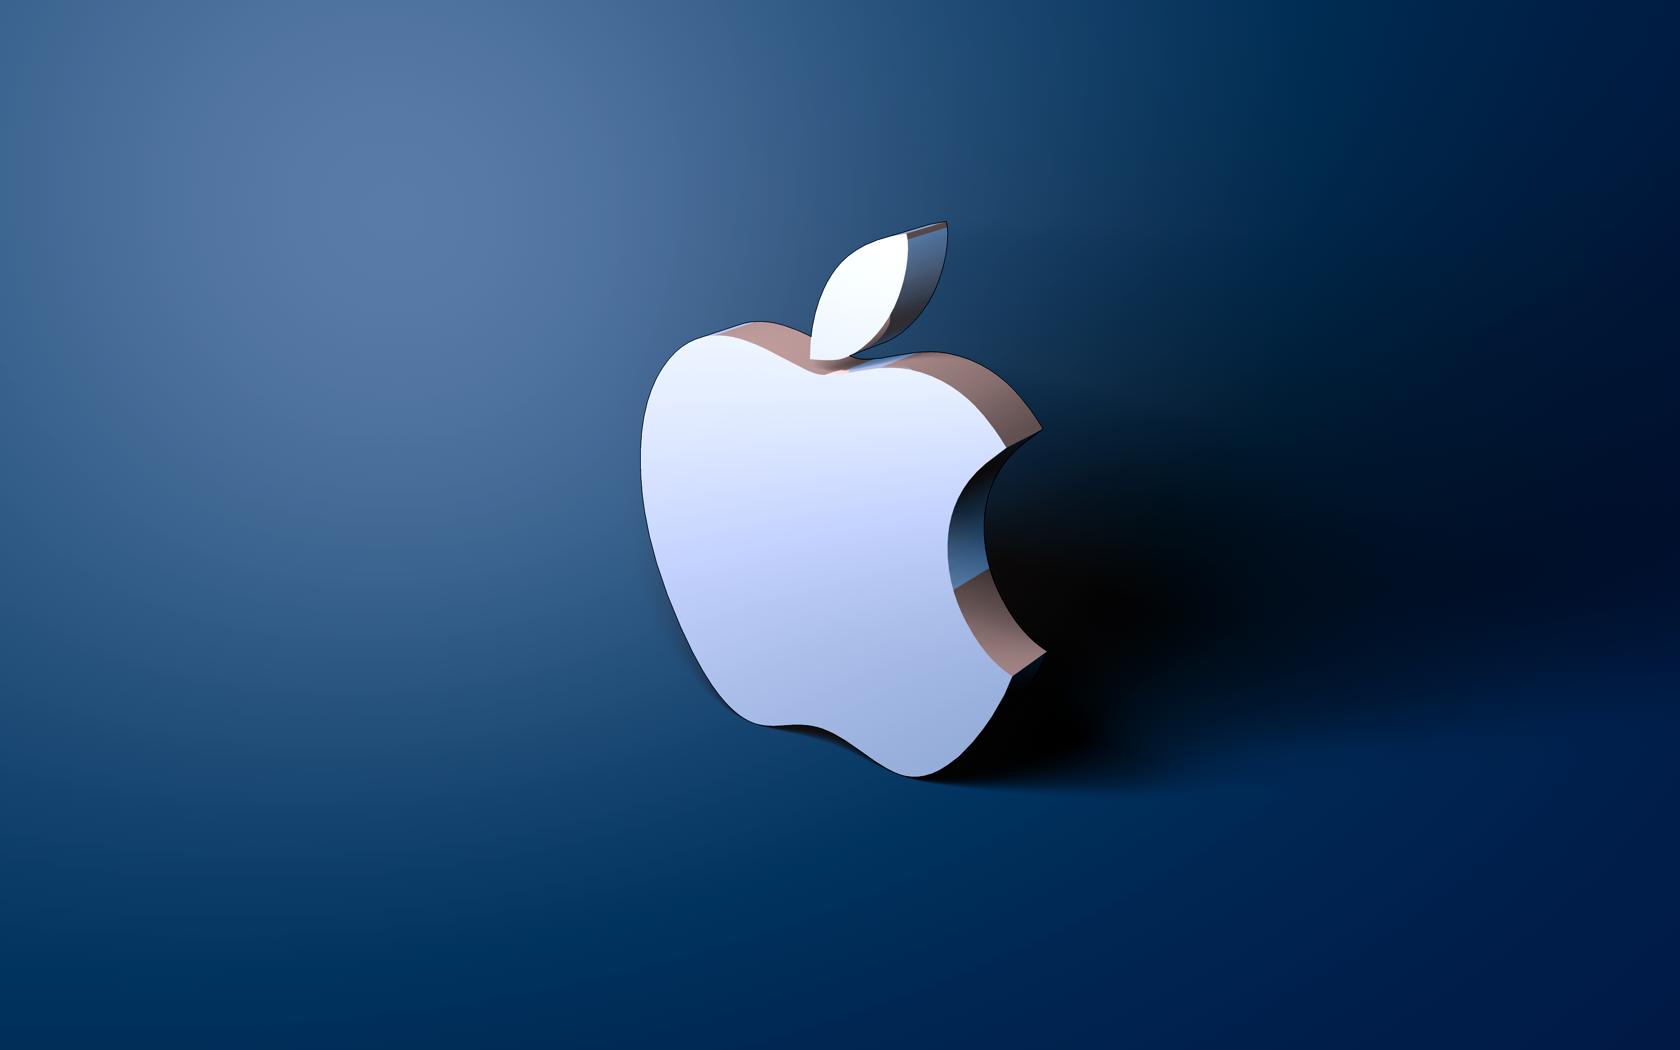 Novo iPhone SE da apple chega com design do iPhone 8 e processador Apple A13 Bionic do iPhone 11 Pro, por preços entre R$ 3.699 e R$ 4.499